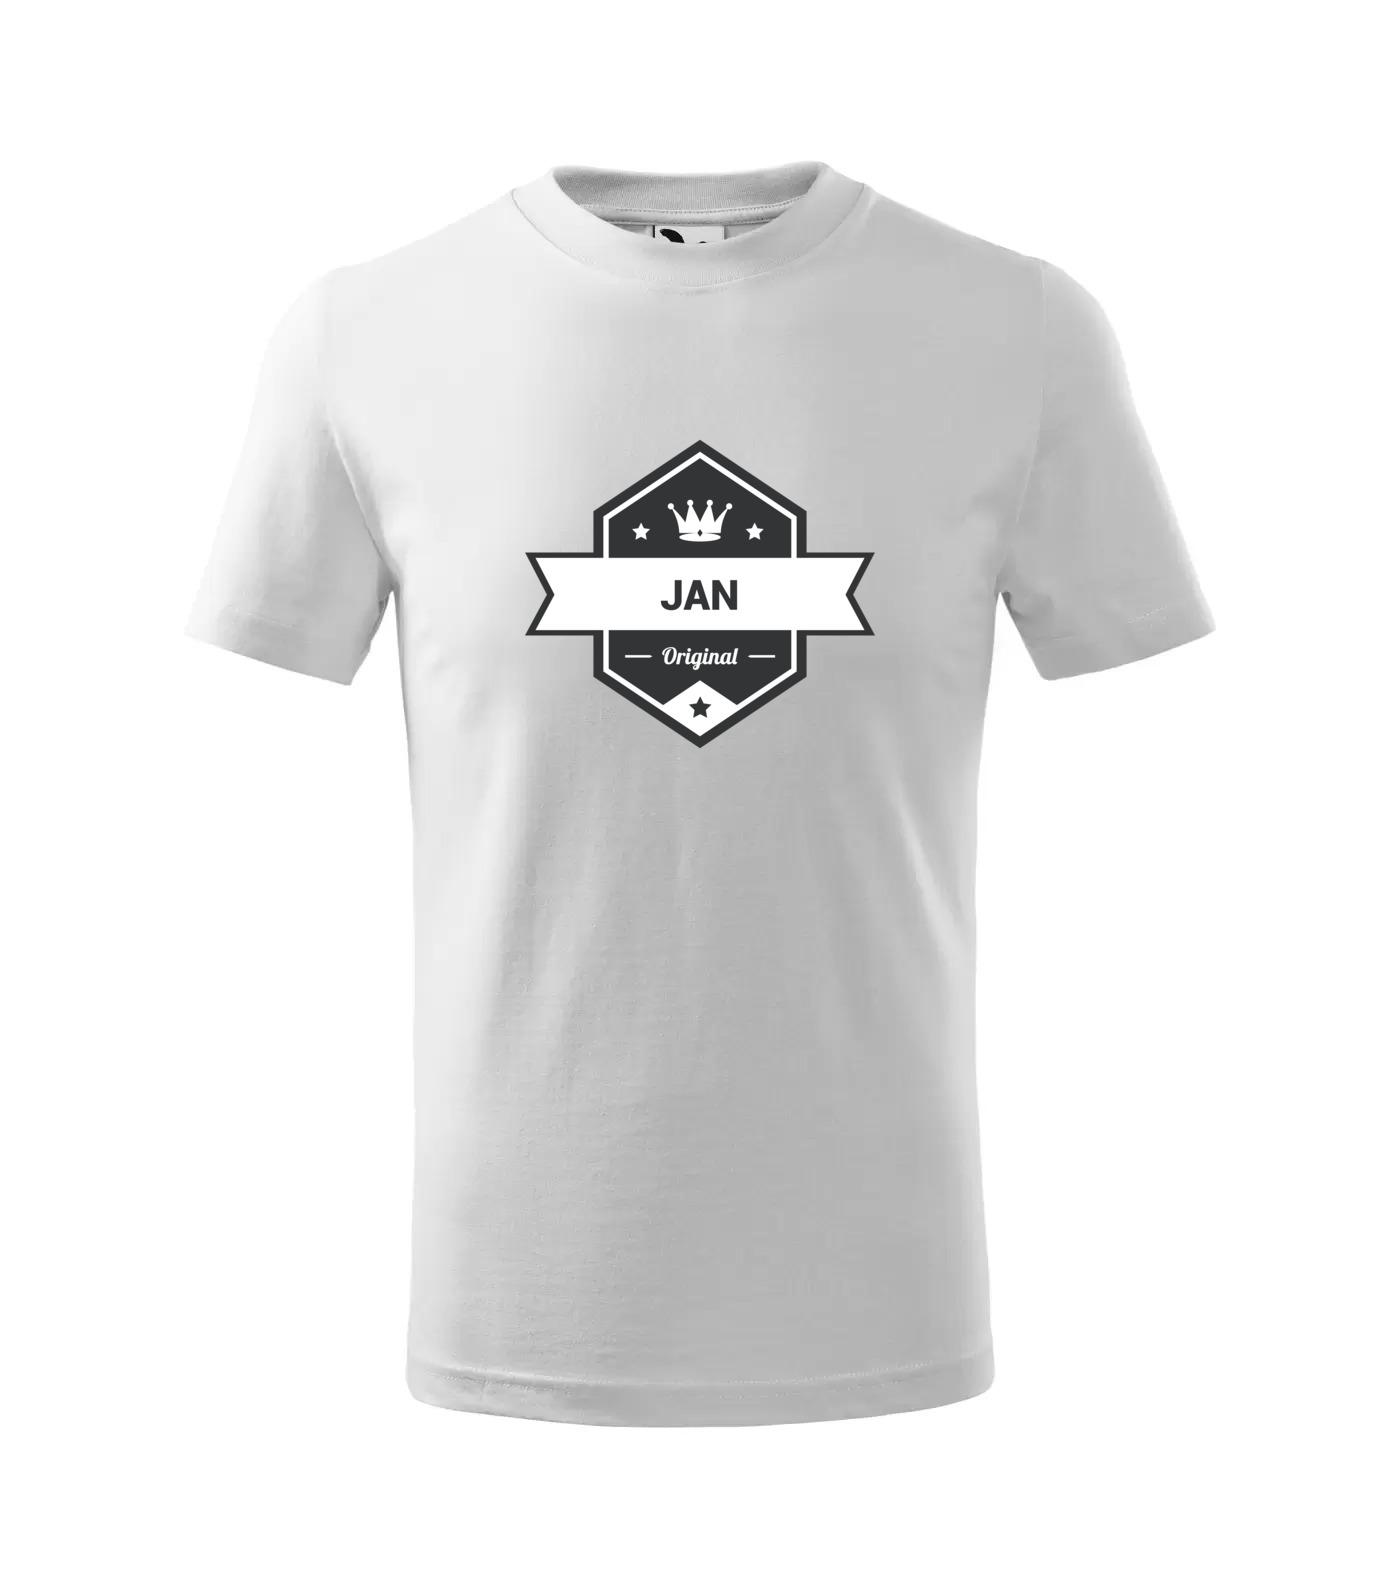 Tričko King Jan